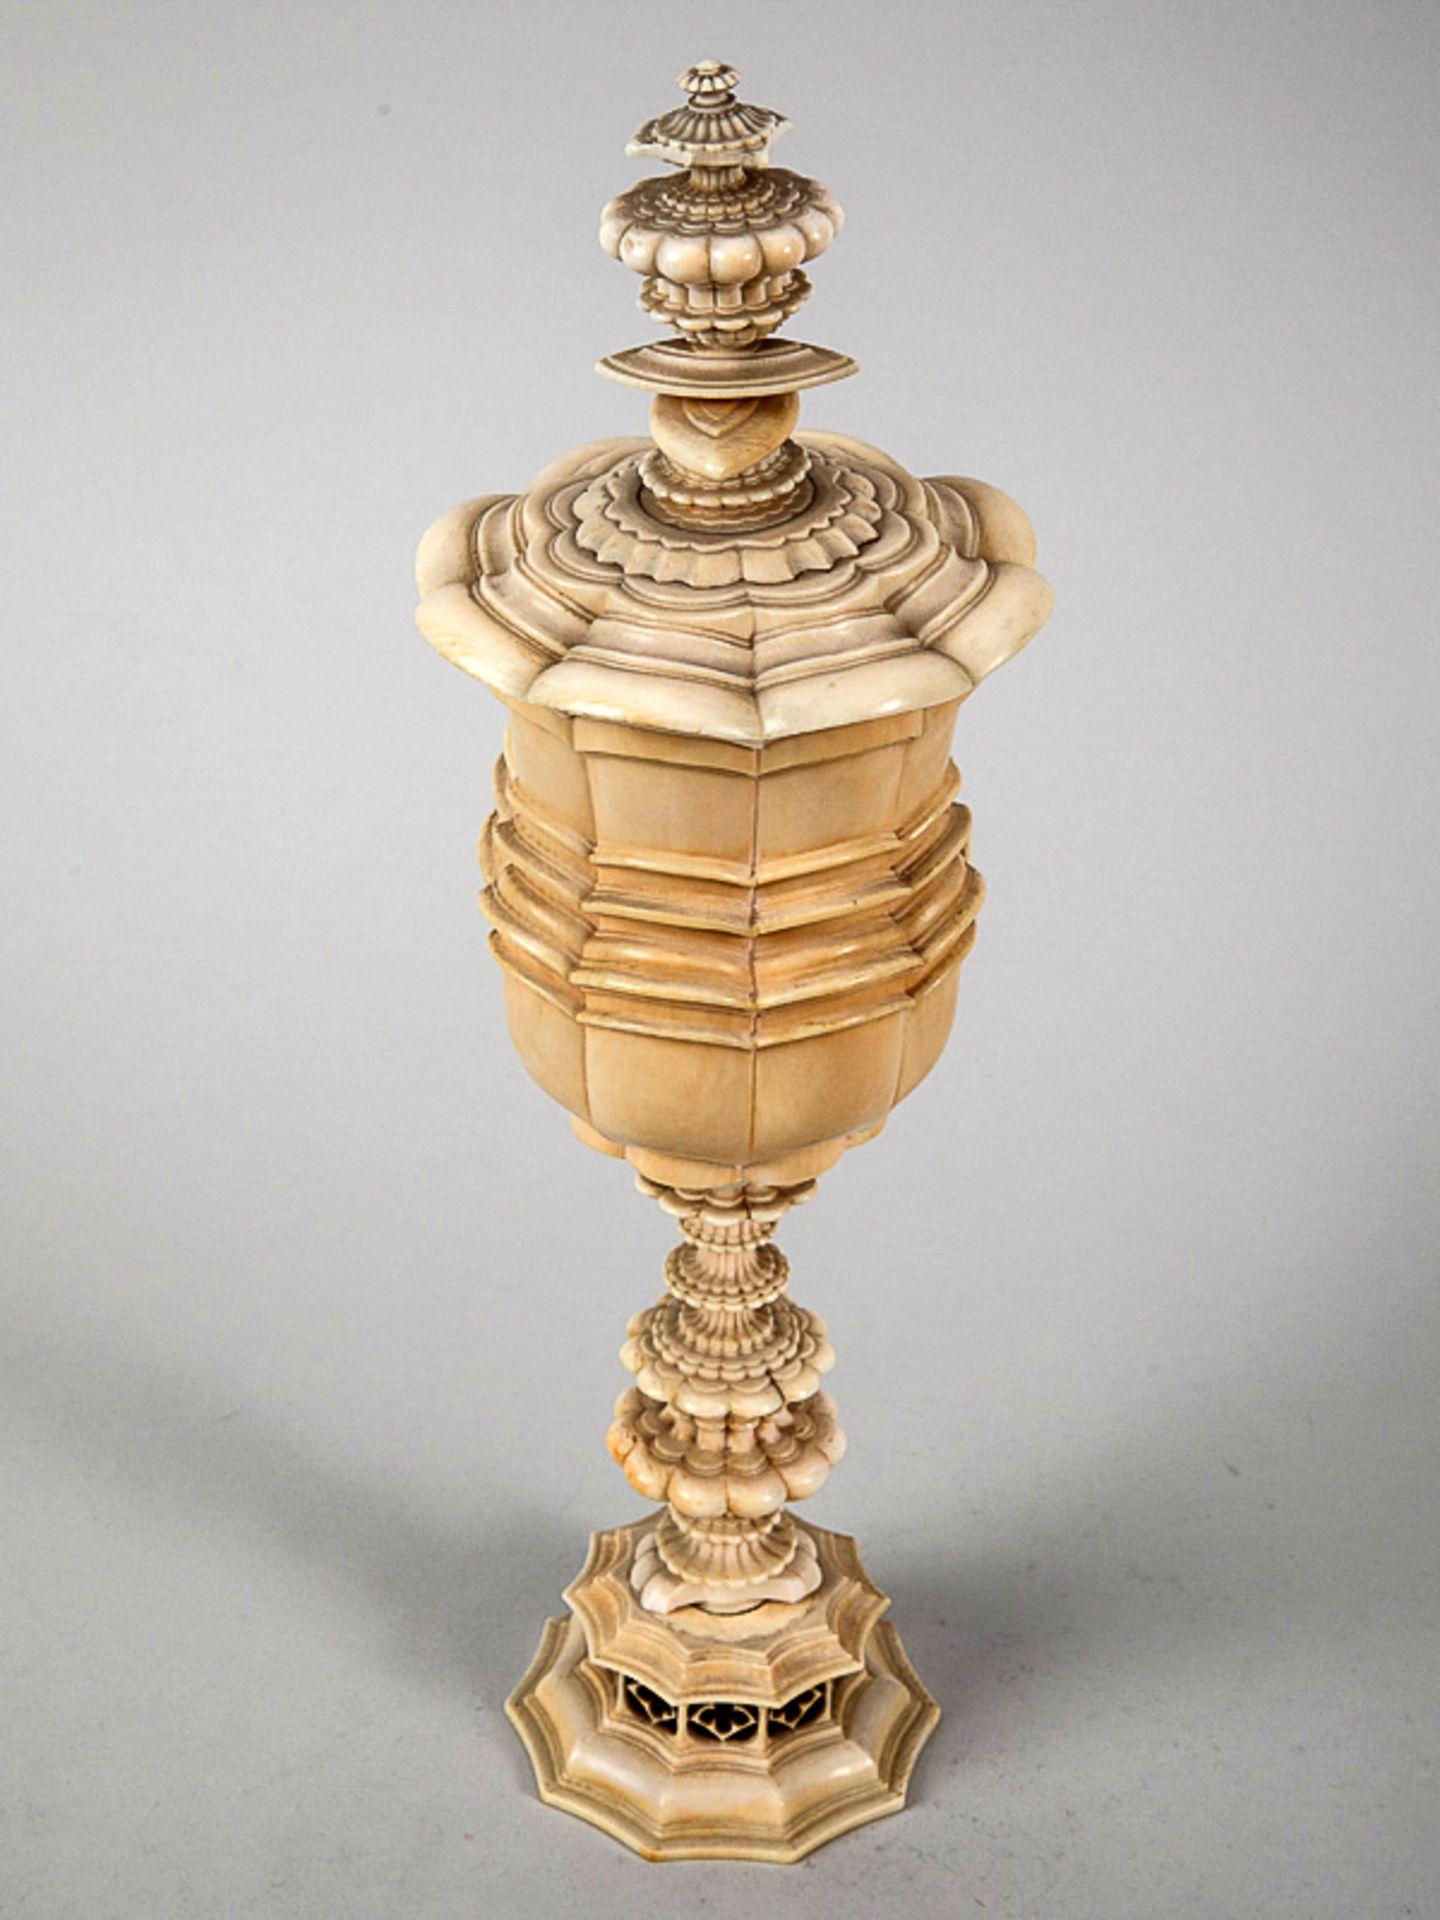 Barock-Deckelpokal, wohl süddeutsch, 17./18. Jh. Elfenbein, gedrechselt und geschnitzt; 4-teil - Bild 6 aus 6